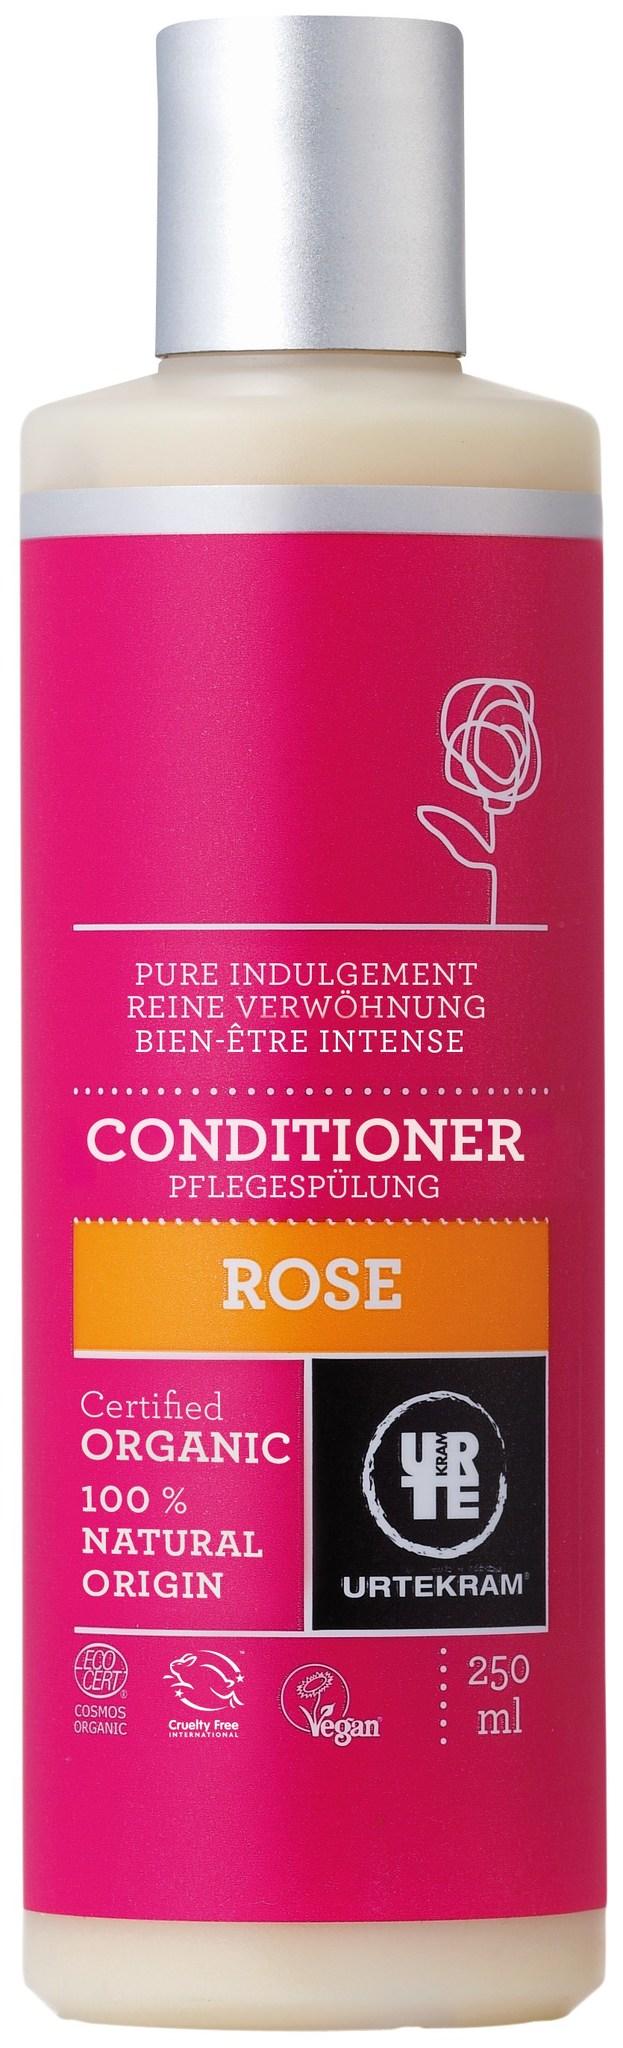 Кондиционер для волос Роза, 250 мл. URTEKRAM